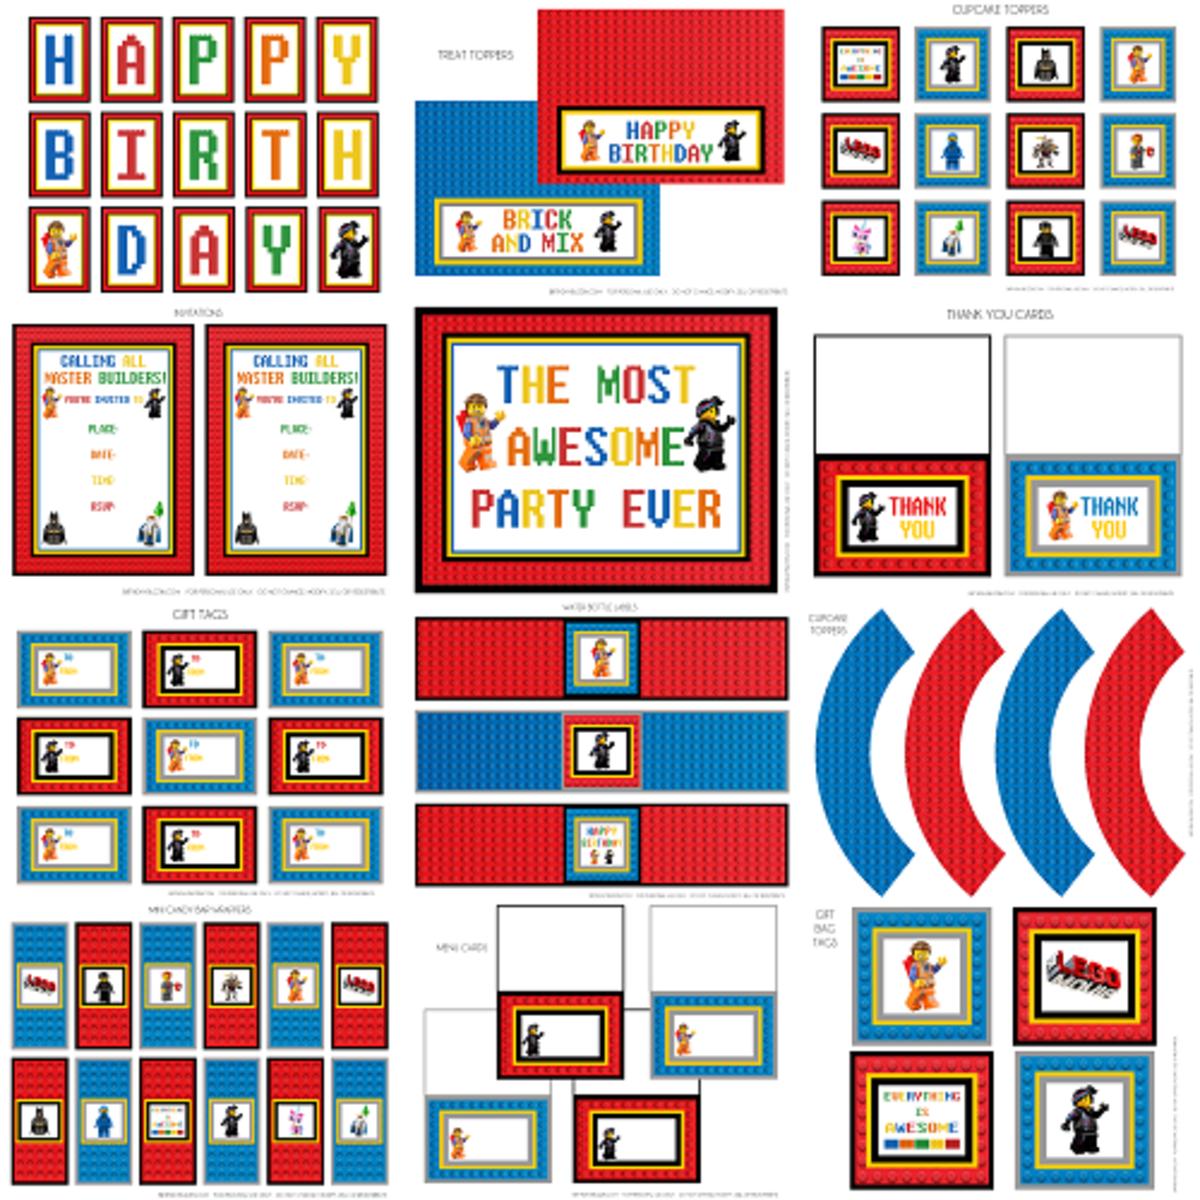 Lego Movie birthday party printable kit